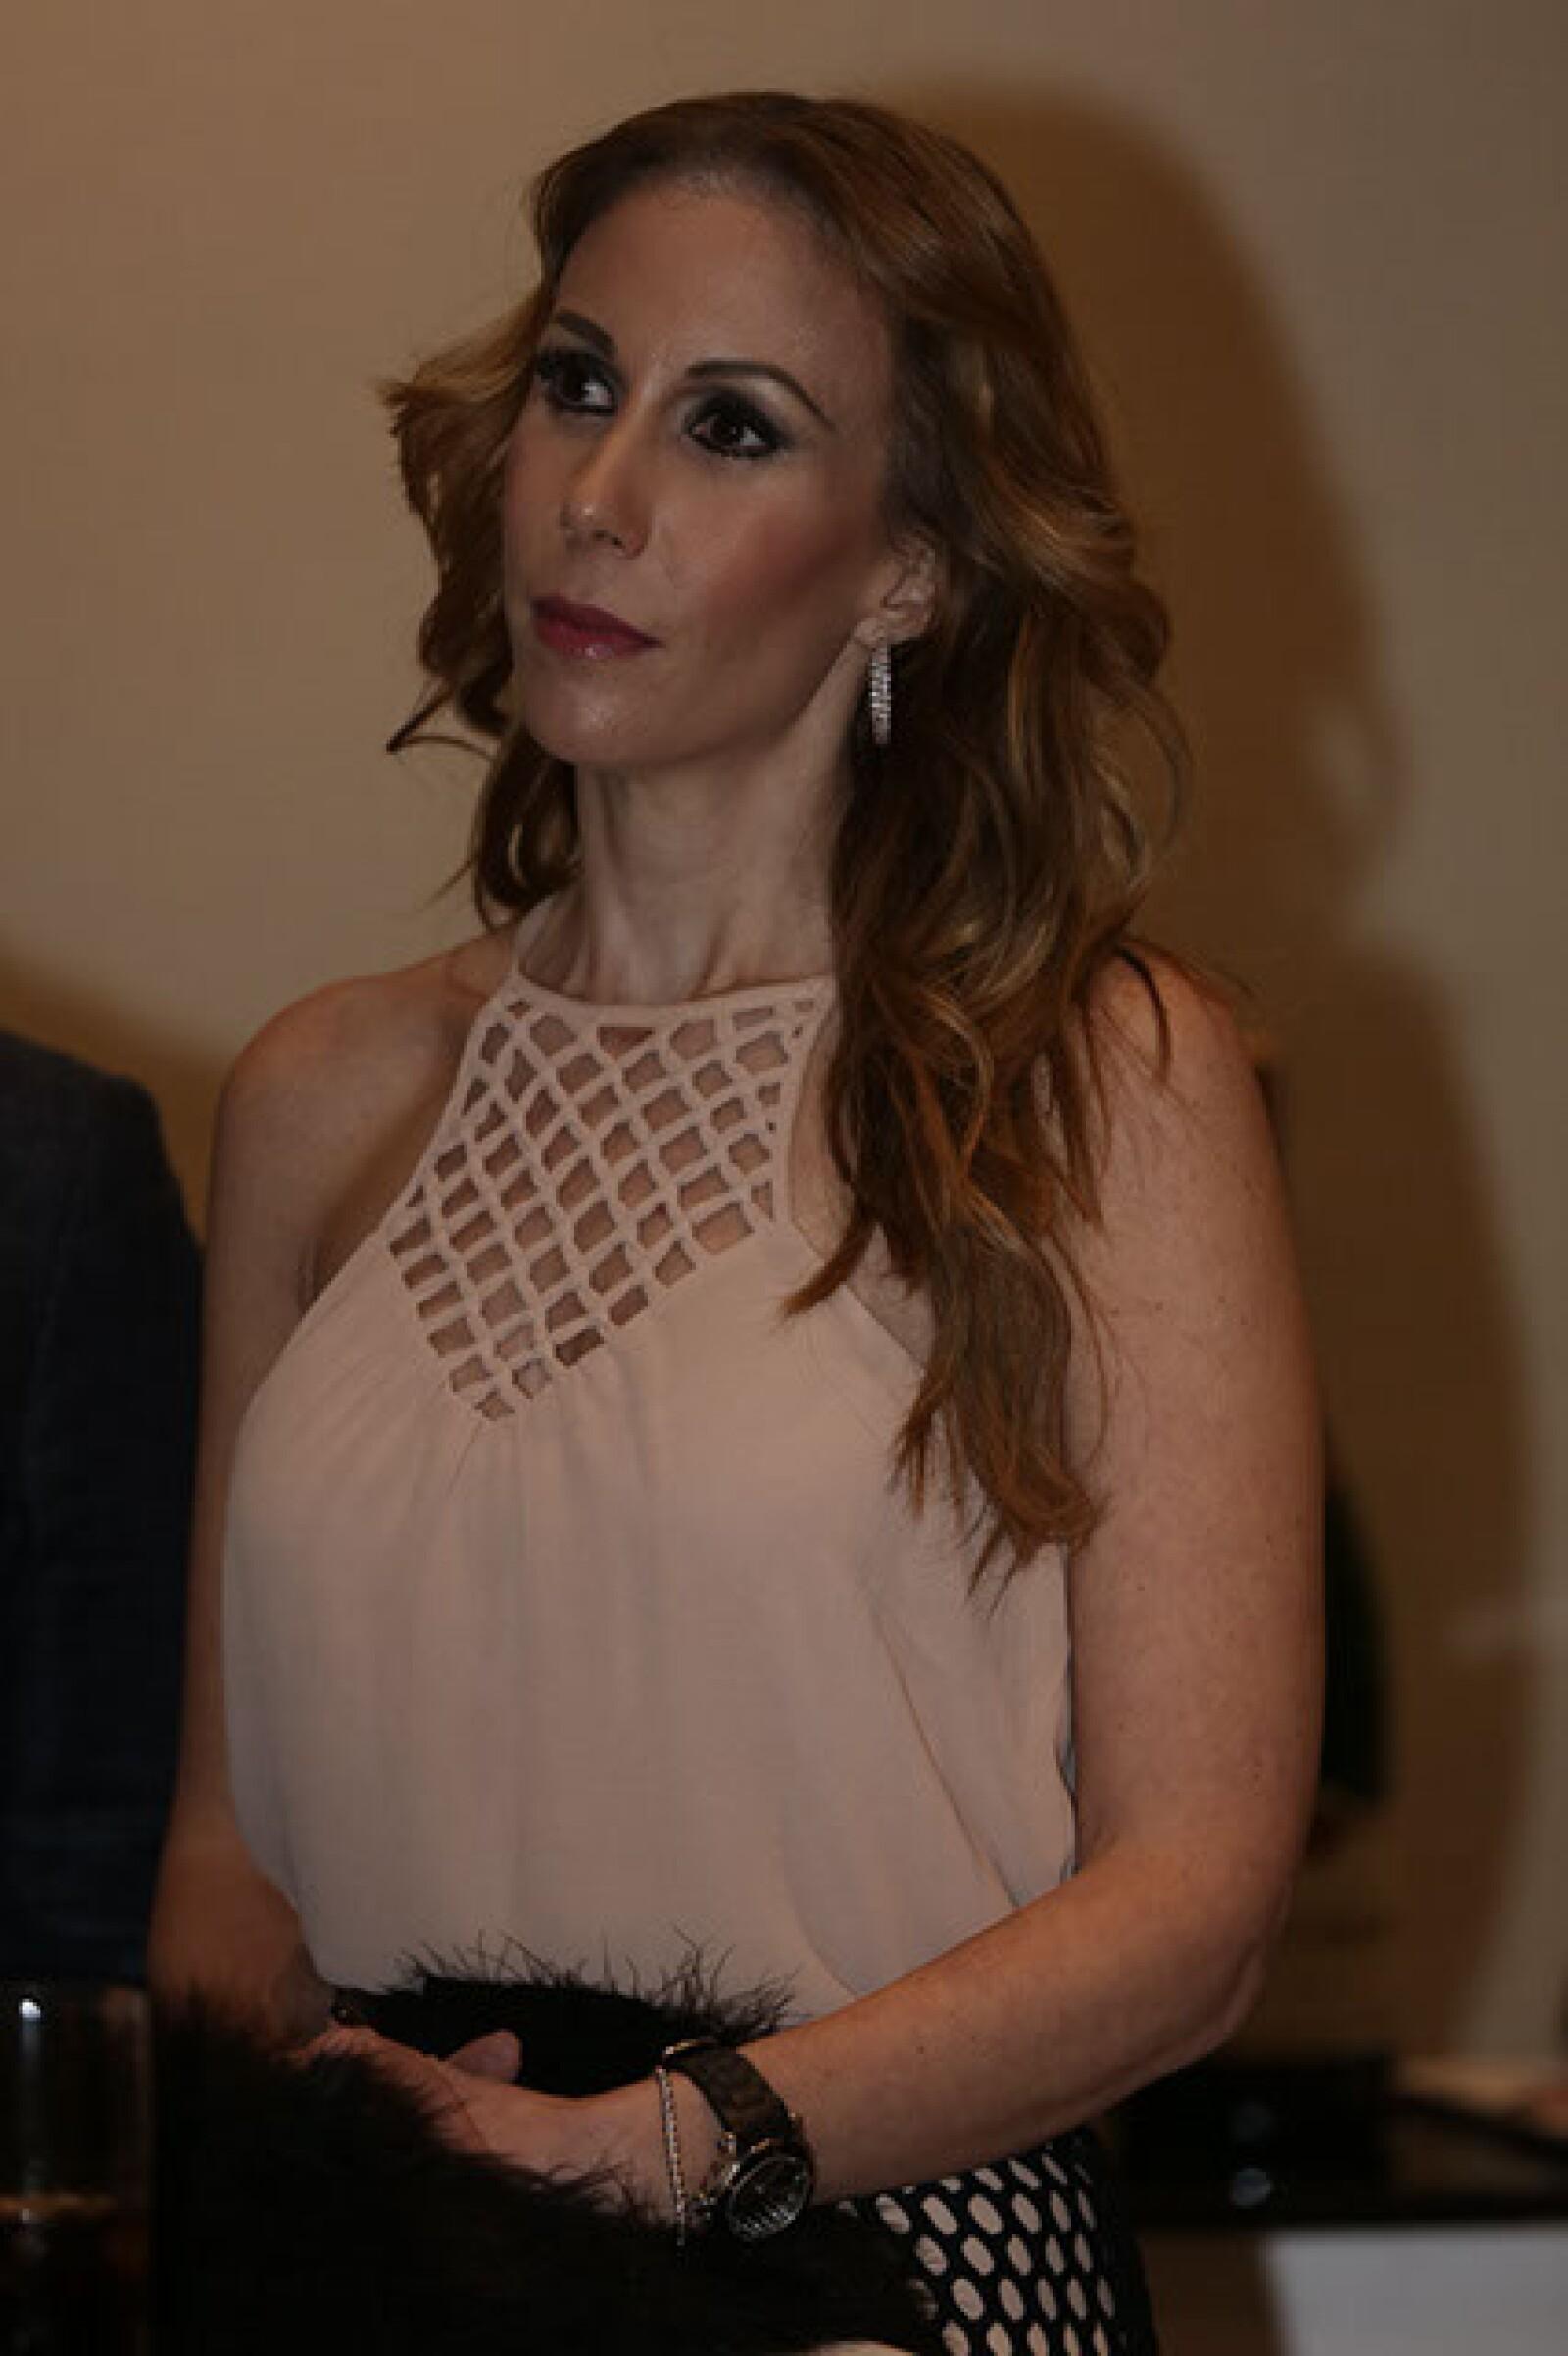 Brenda Jaet